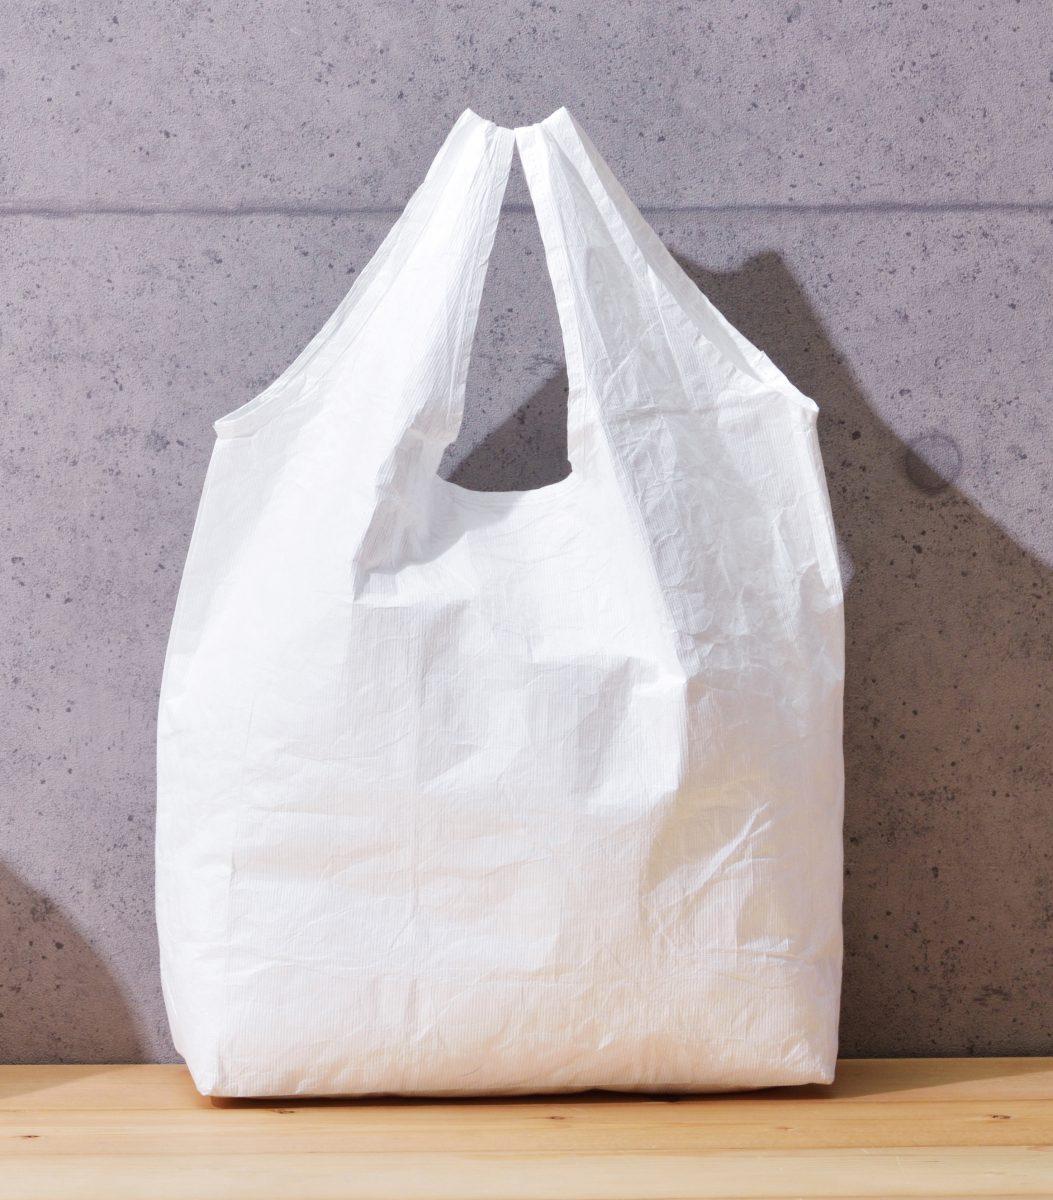 丈夫で軽いショッピングバッグ